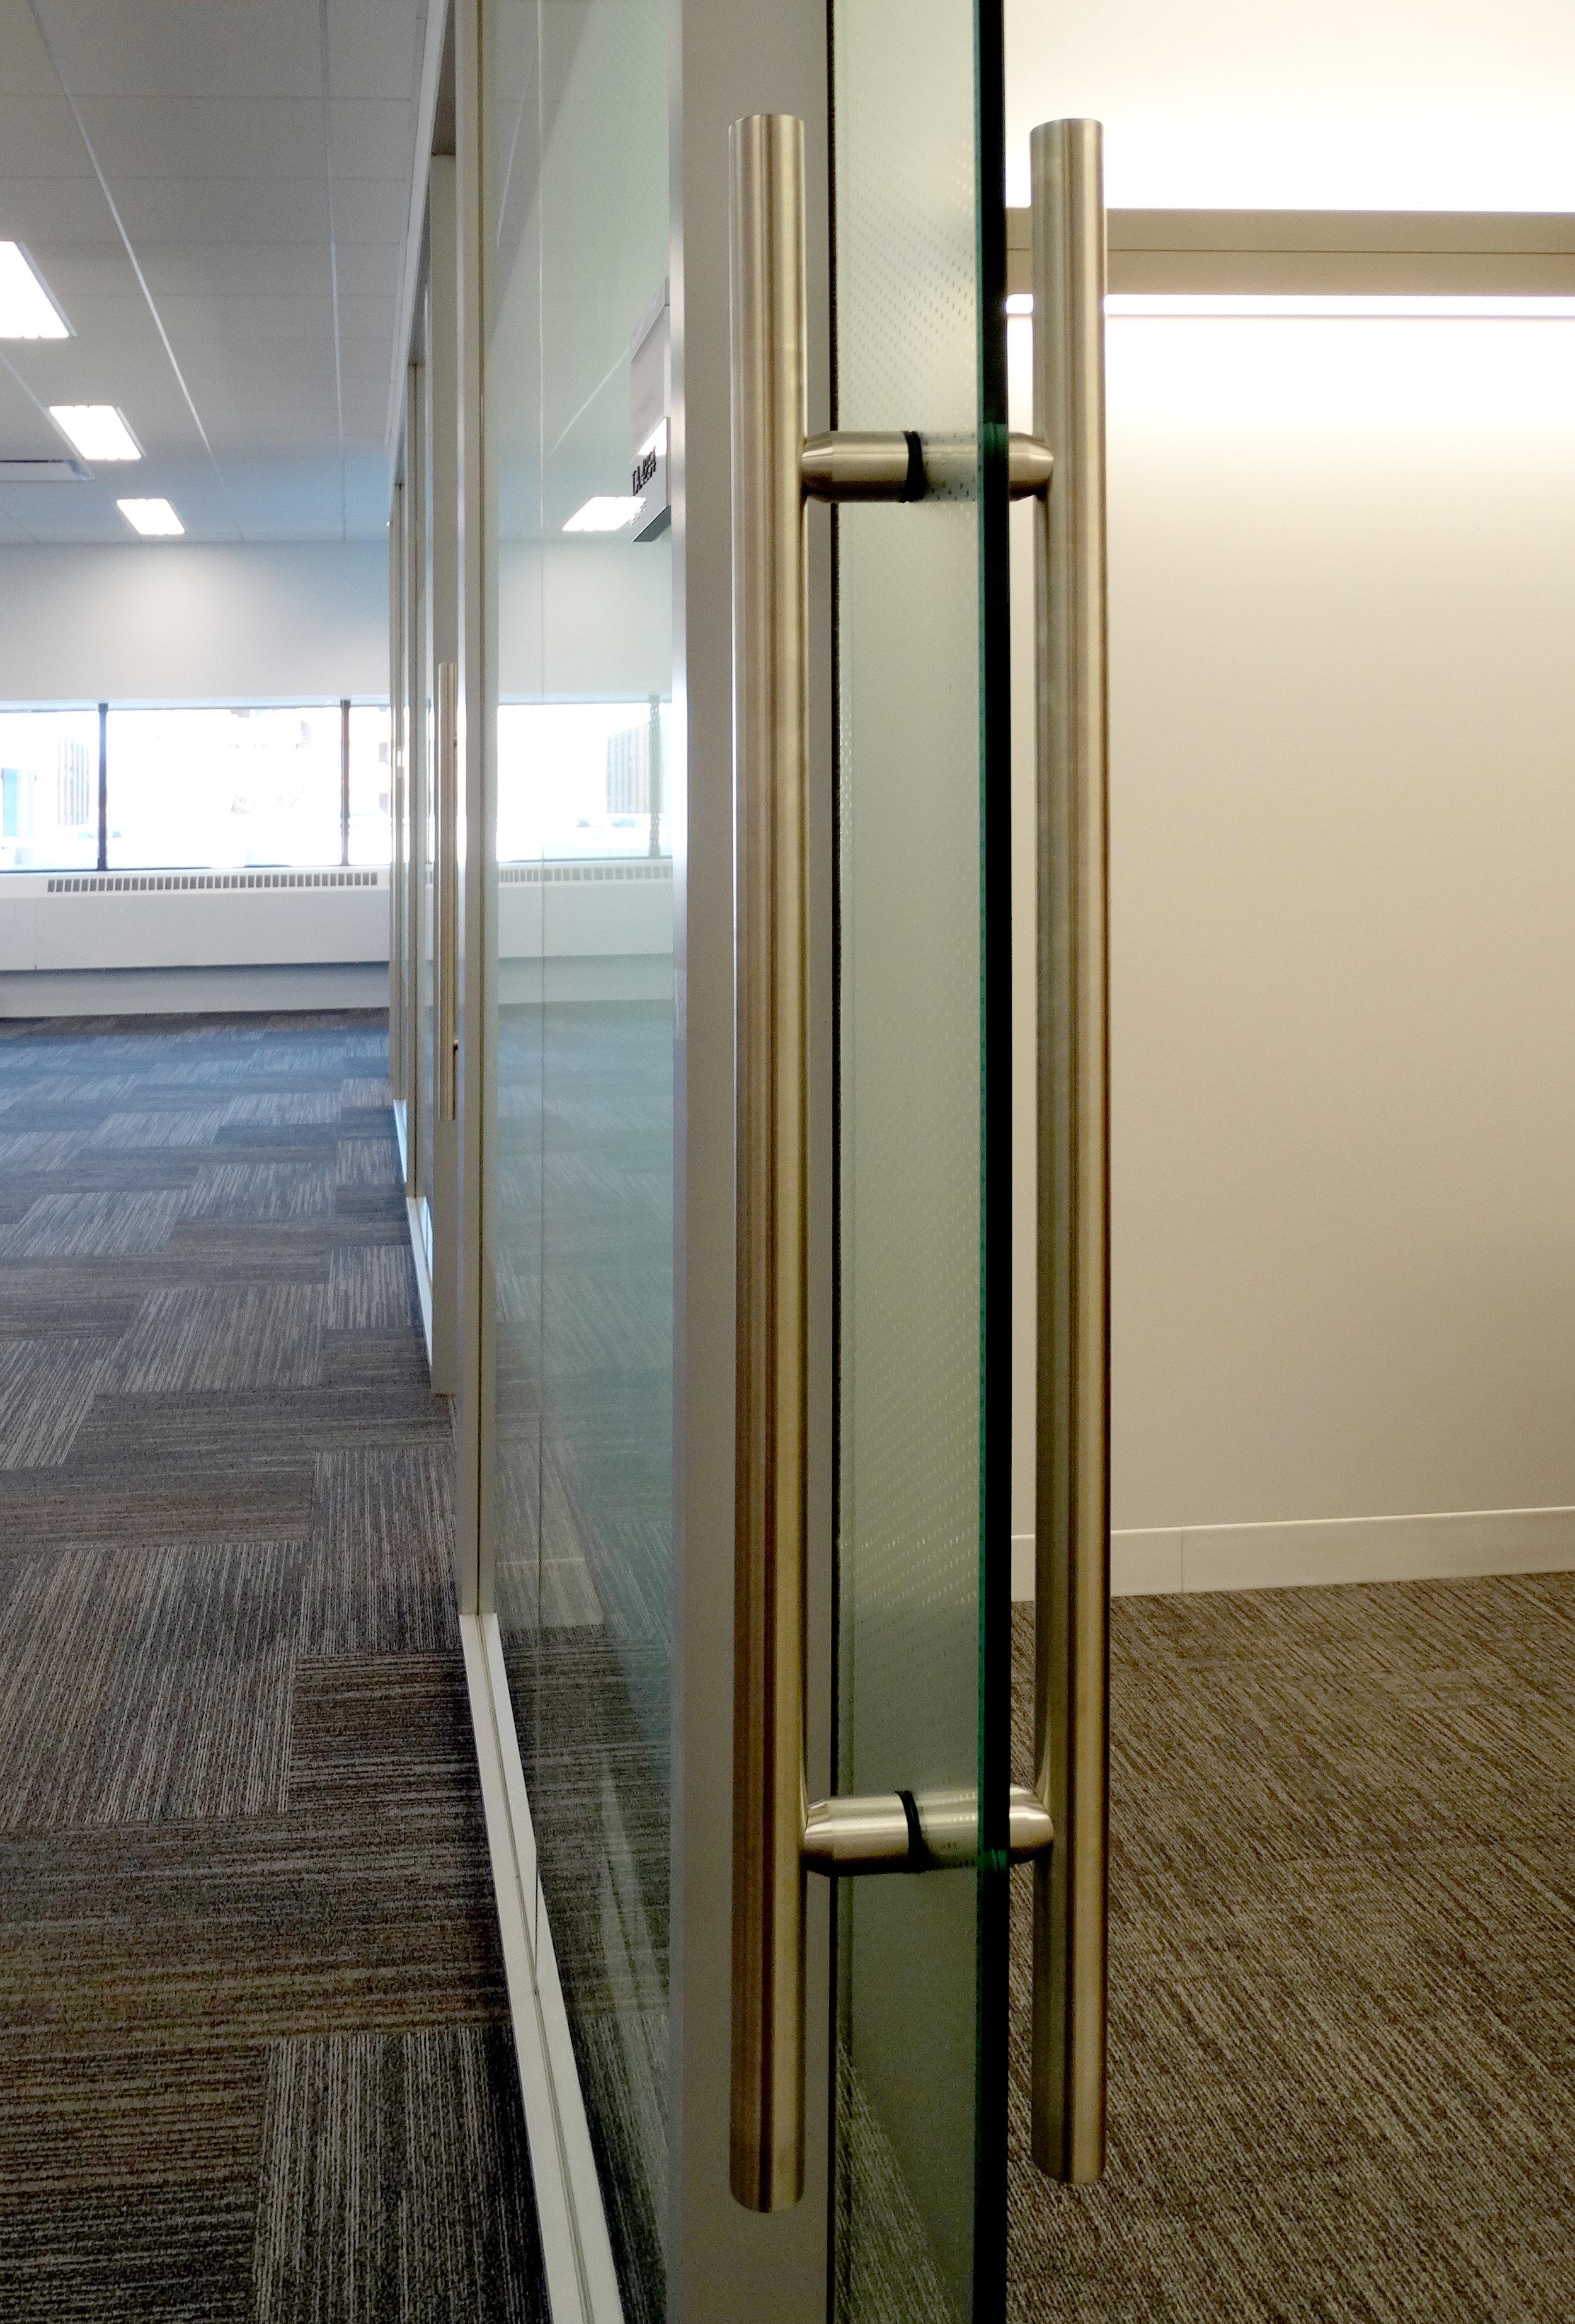 Litespace Glass Sliding Door Ladder Pull - Spaceworks AI.jpg